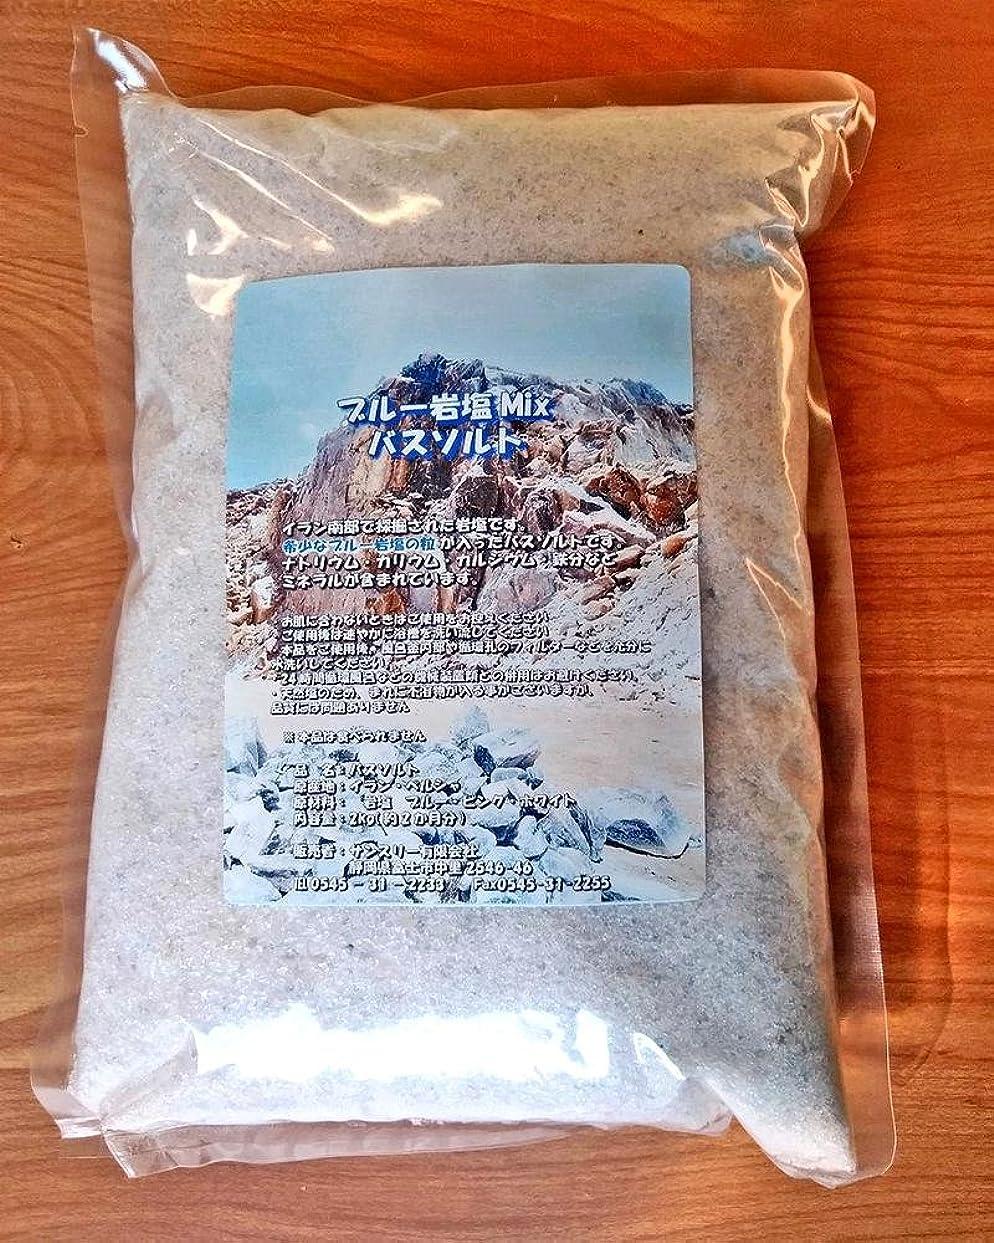 拡散する残高一口ブルー岩塩Mixバスソルト2kg